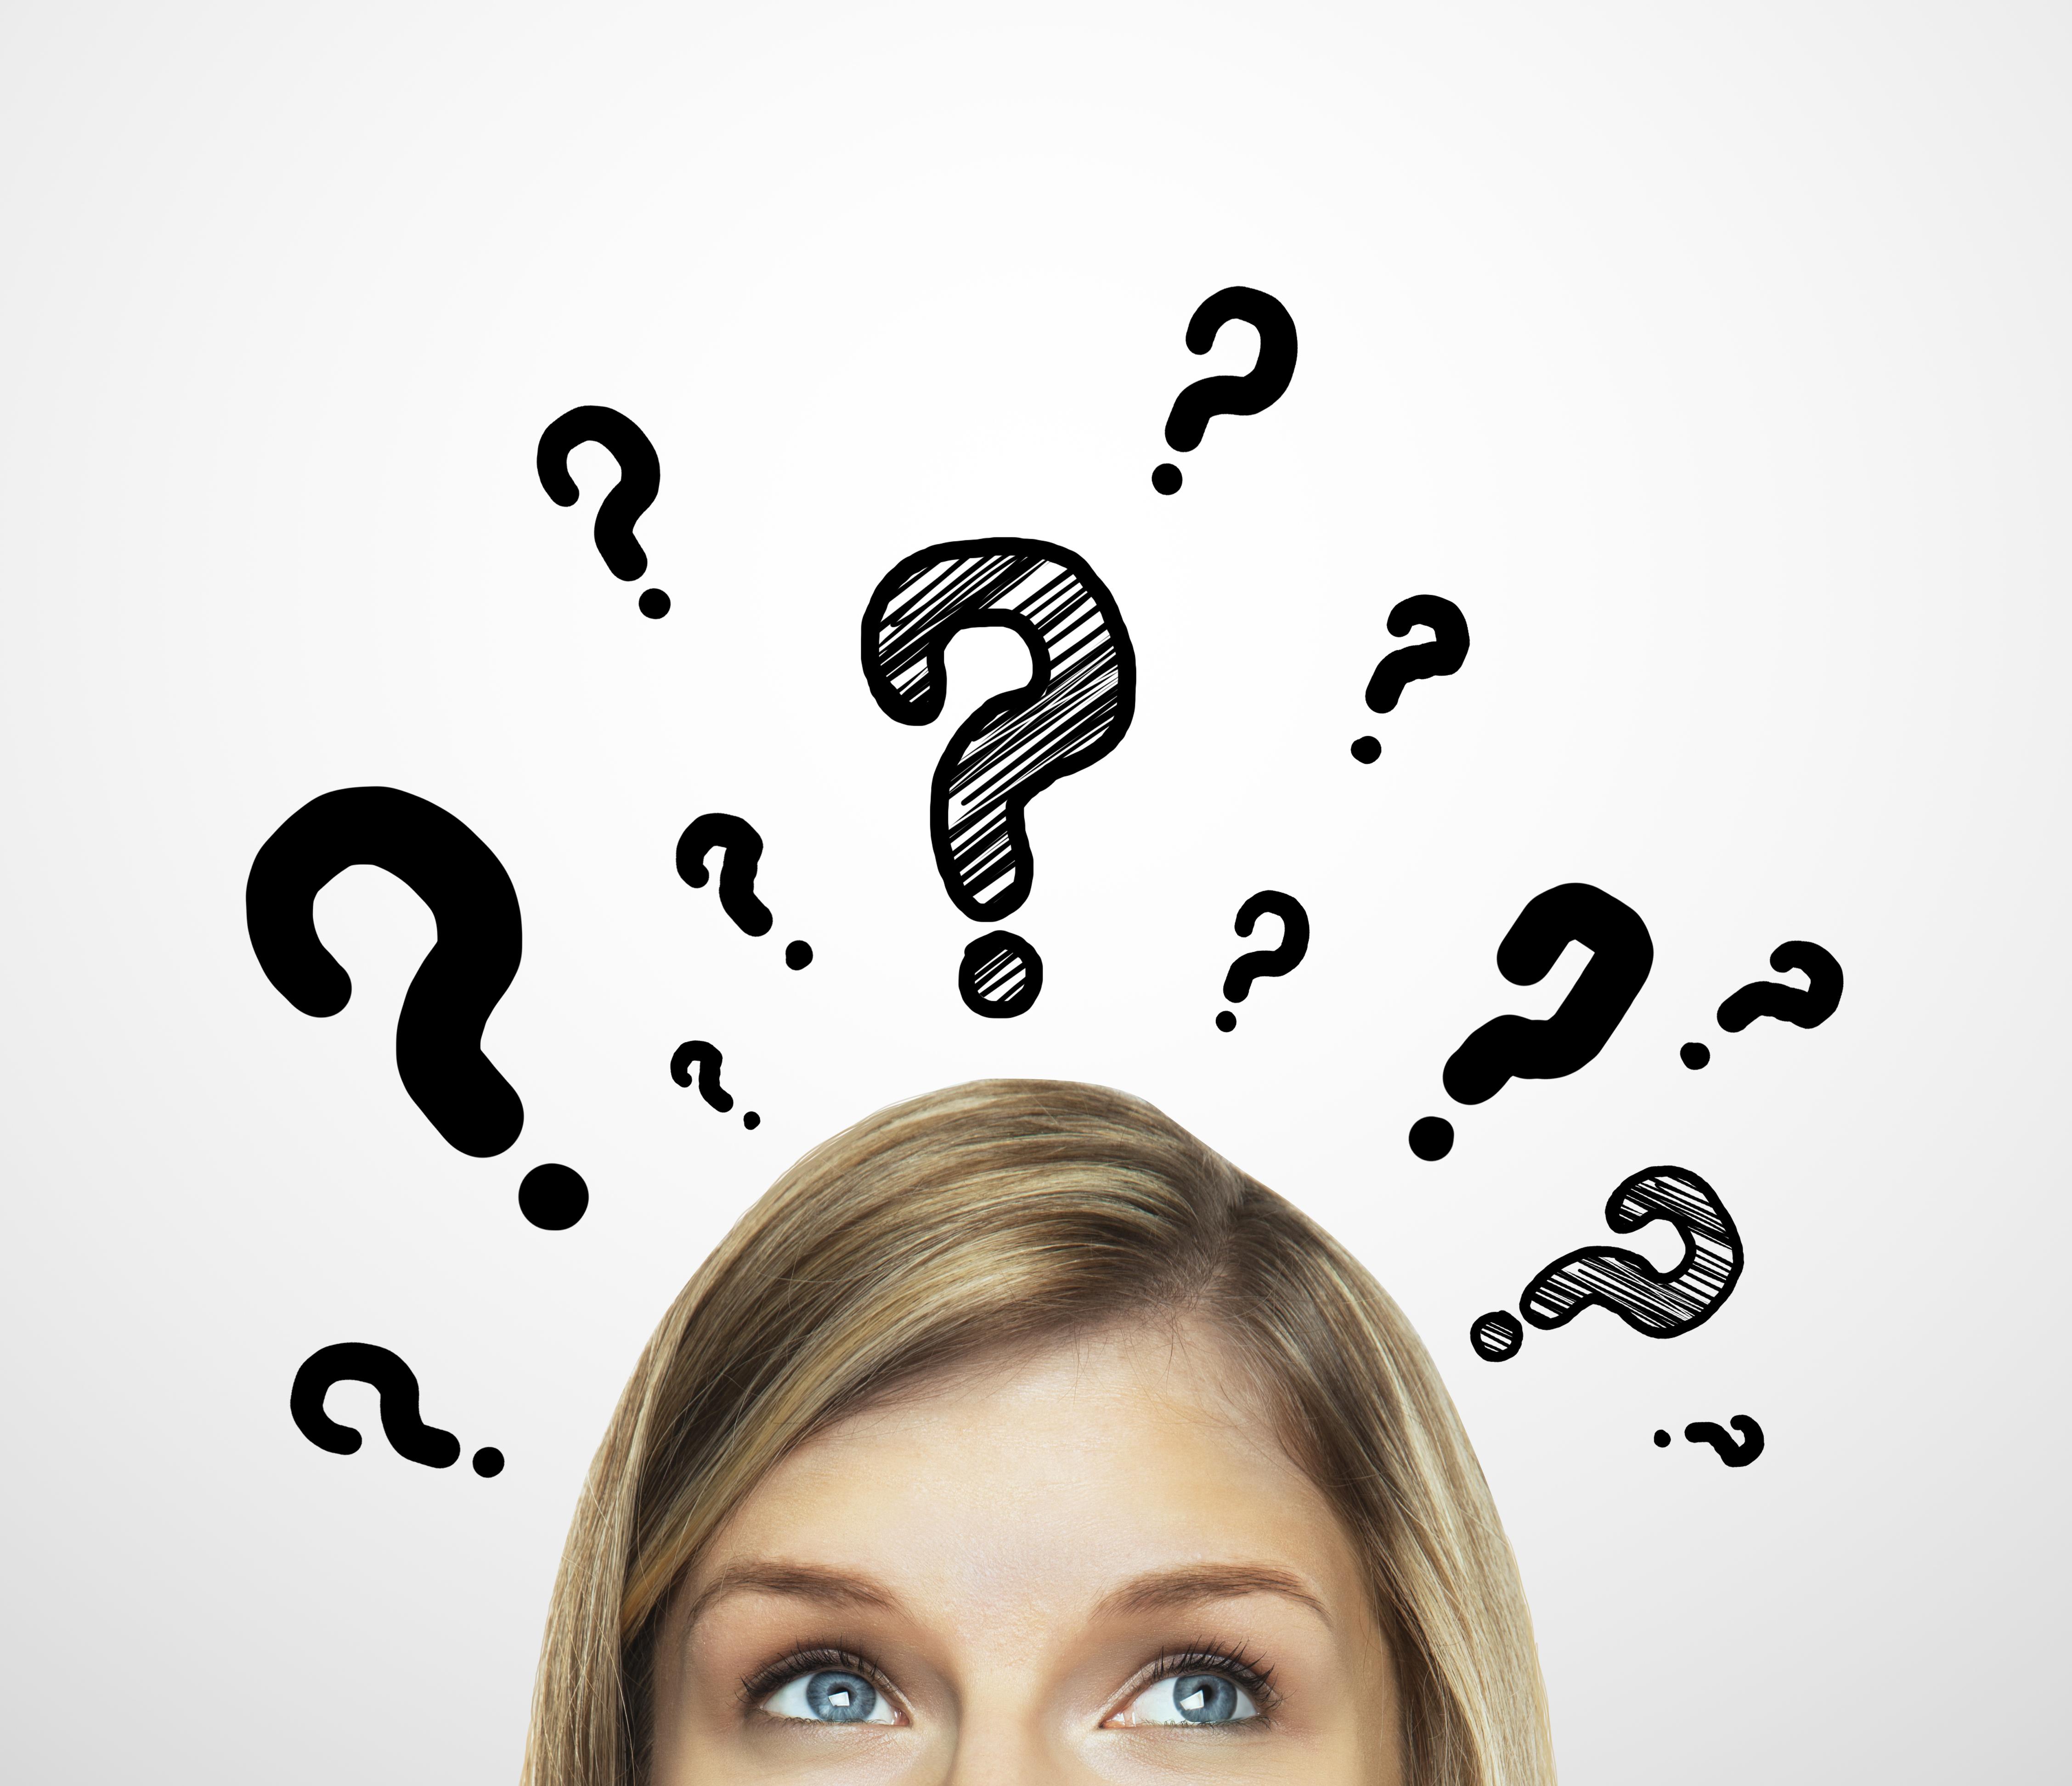 Что можно делать с вопросом? Ответить на него. задать 33